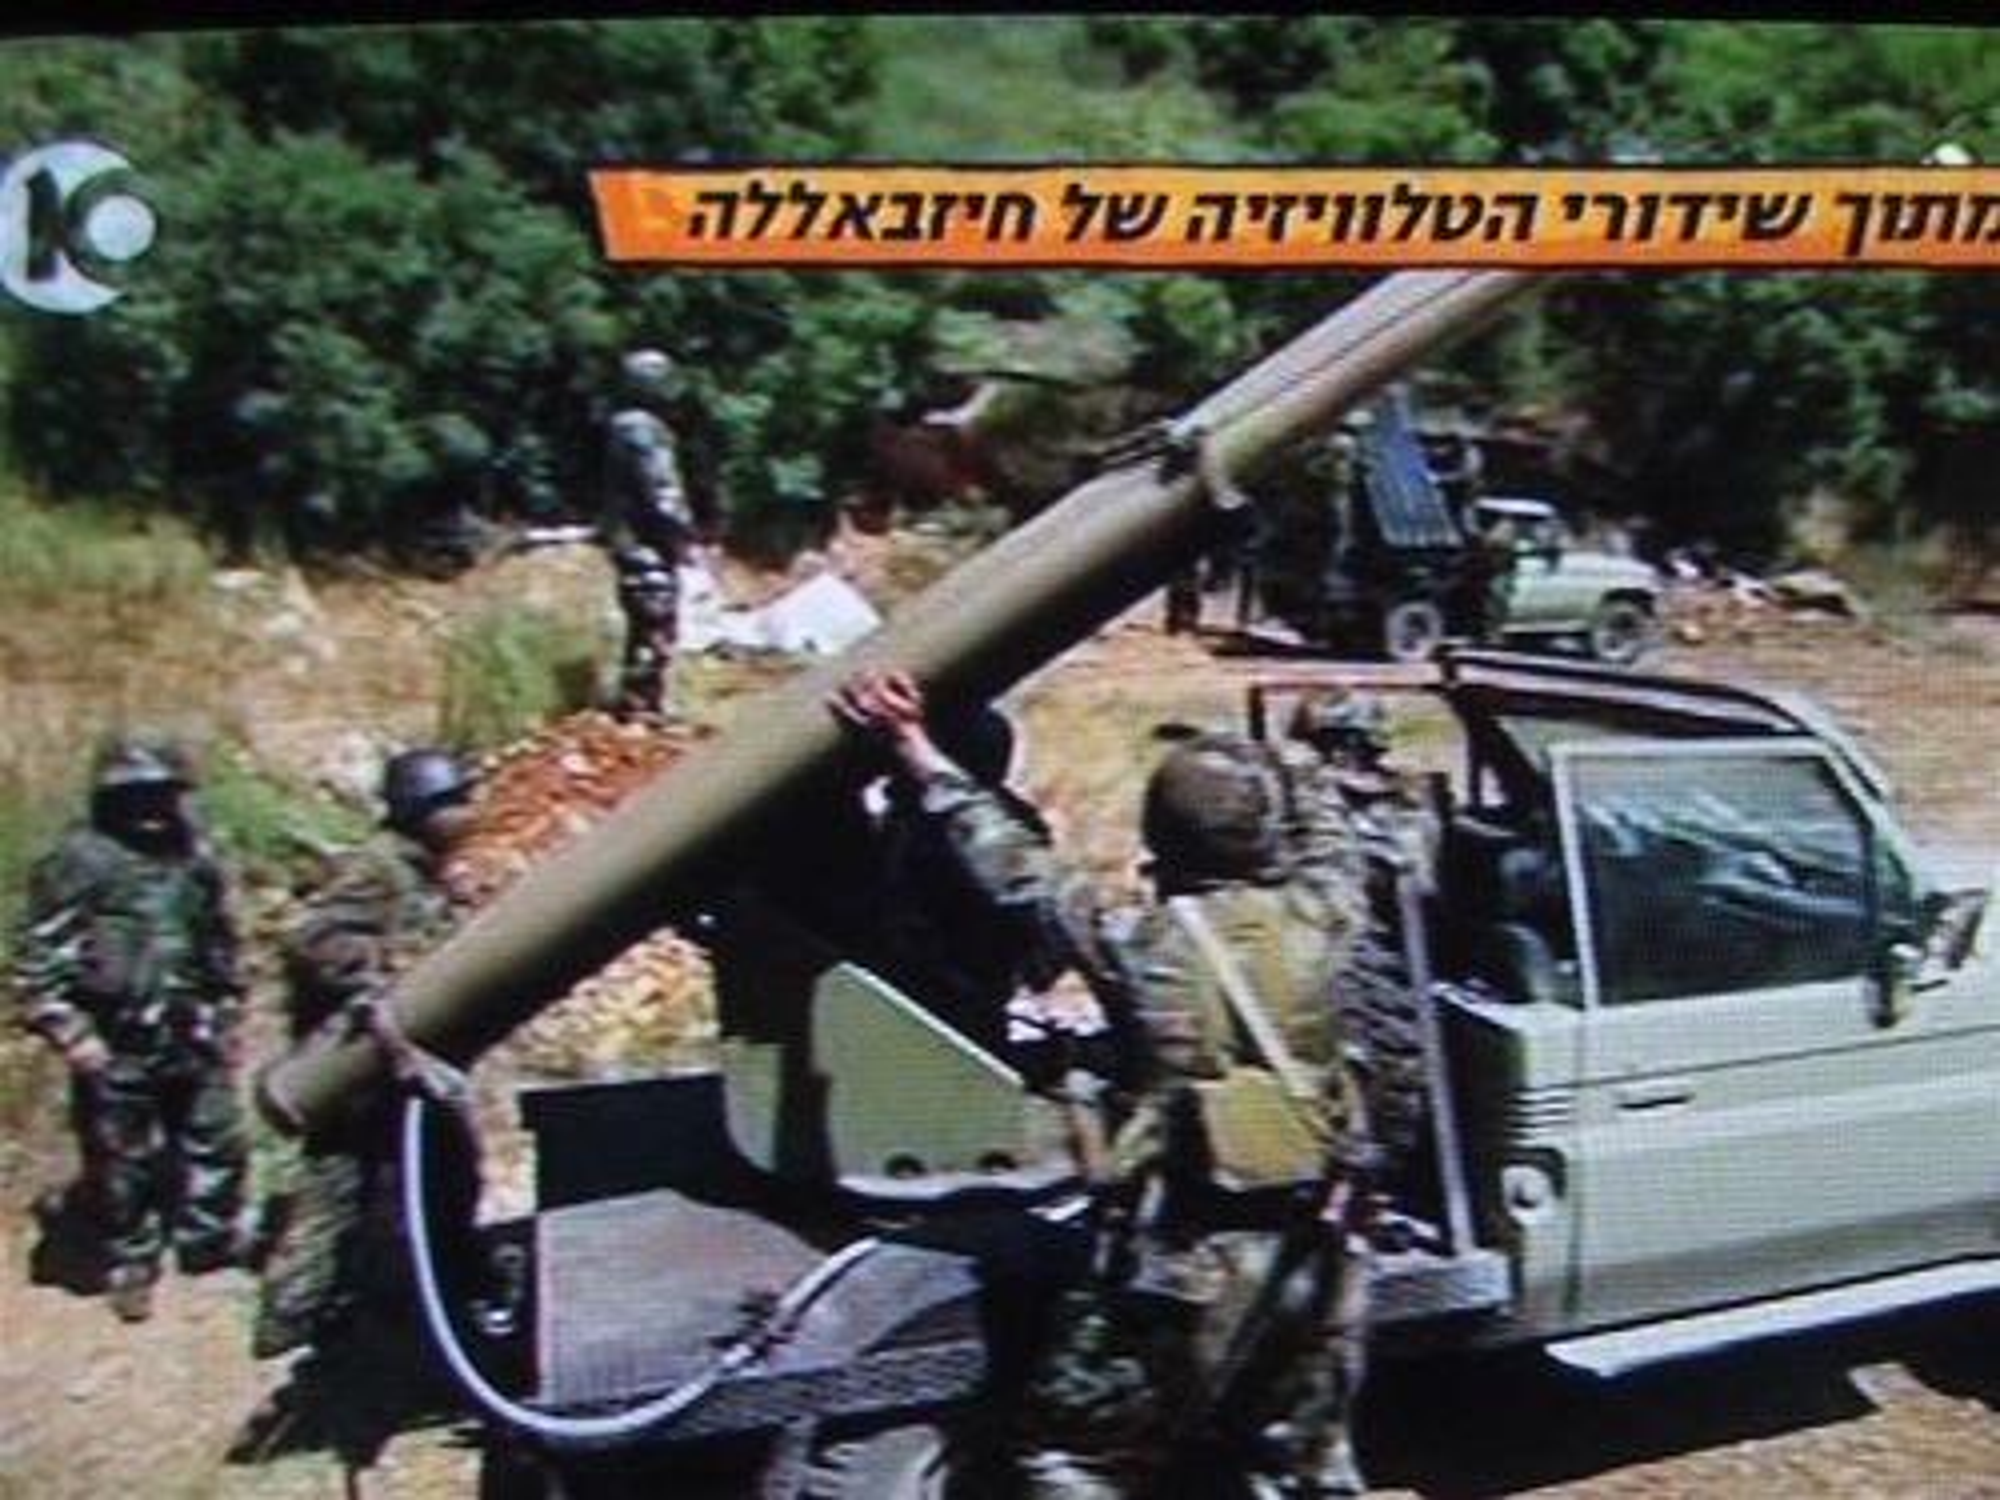 Dette israelske bildet er oppgitt å vise klargjøring av en Hizbollah-rakett til avfyring mot Israel under krigen sommeren 2006.